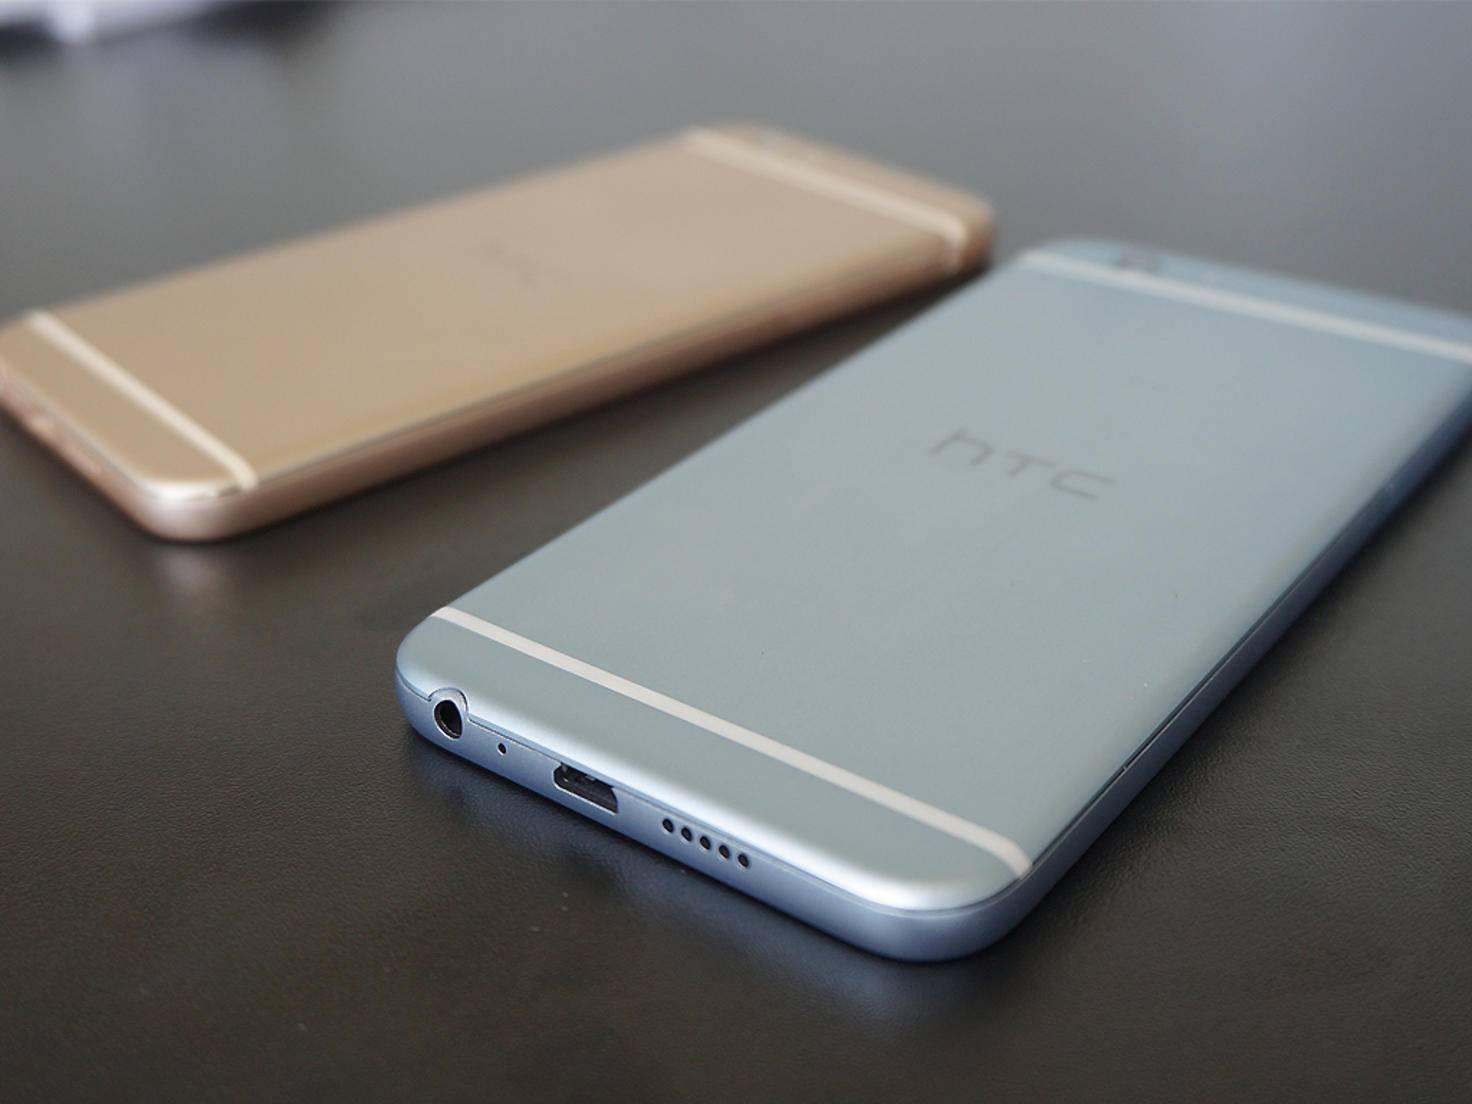 Das HTC One A9s kommt im vierten Quartal in drei Farben auf den Markt.